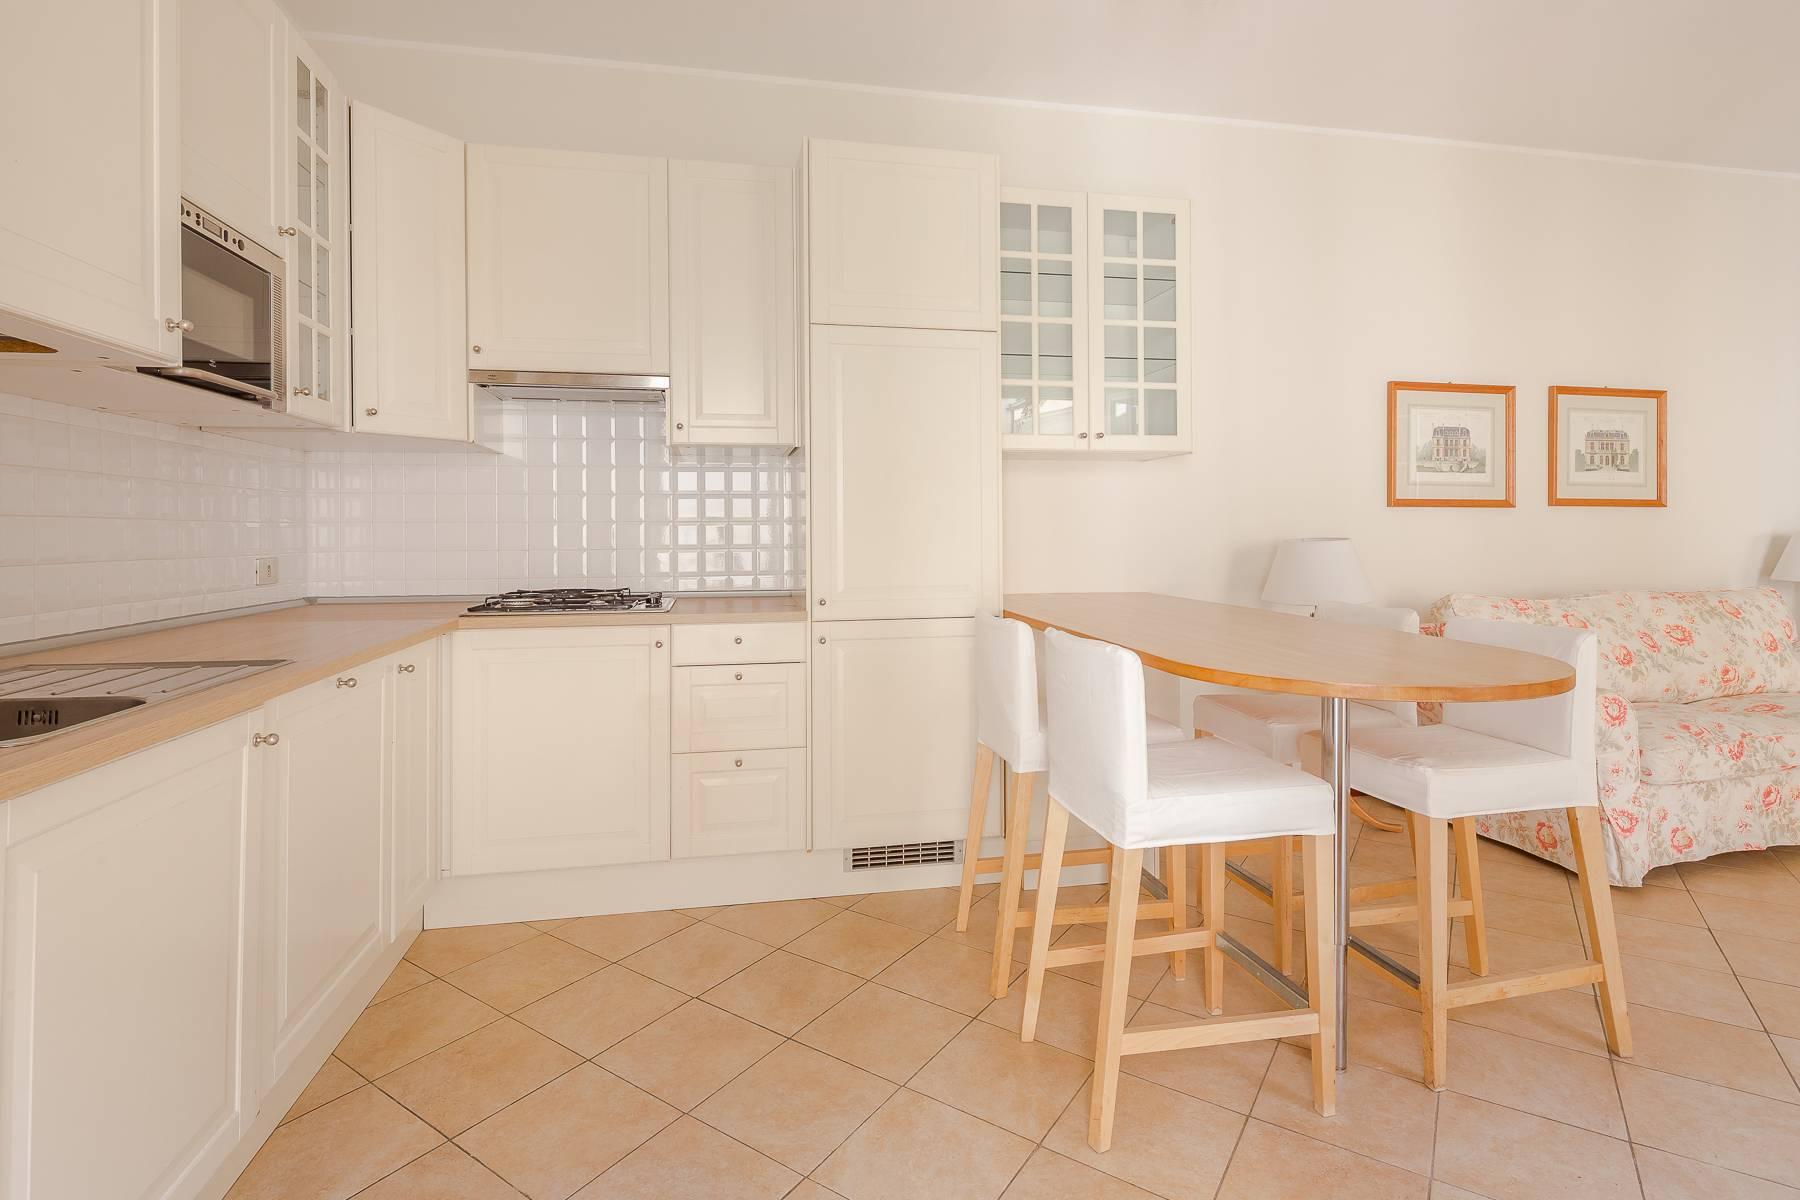 Appartamento in Affitto a Milano: 1 locali, 40 mq - Foto 4